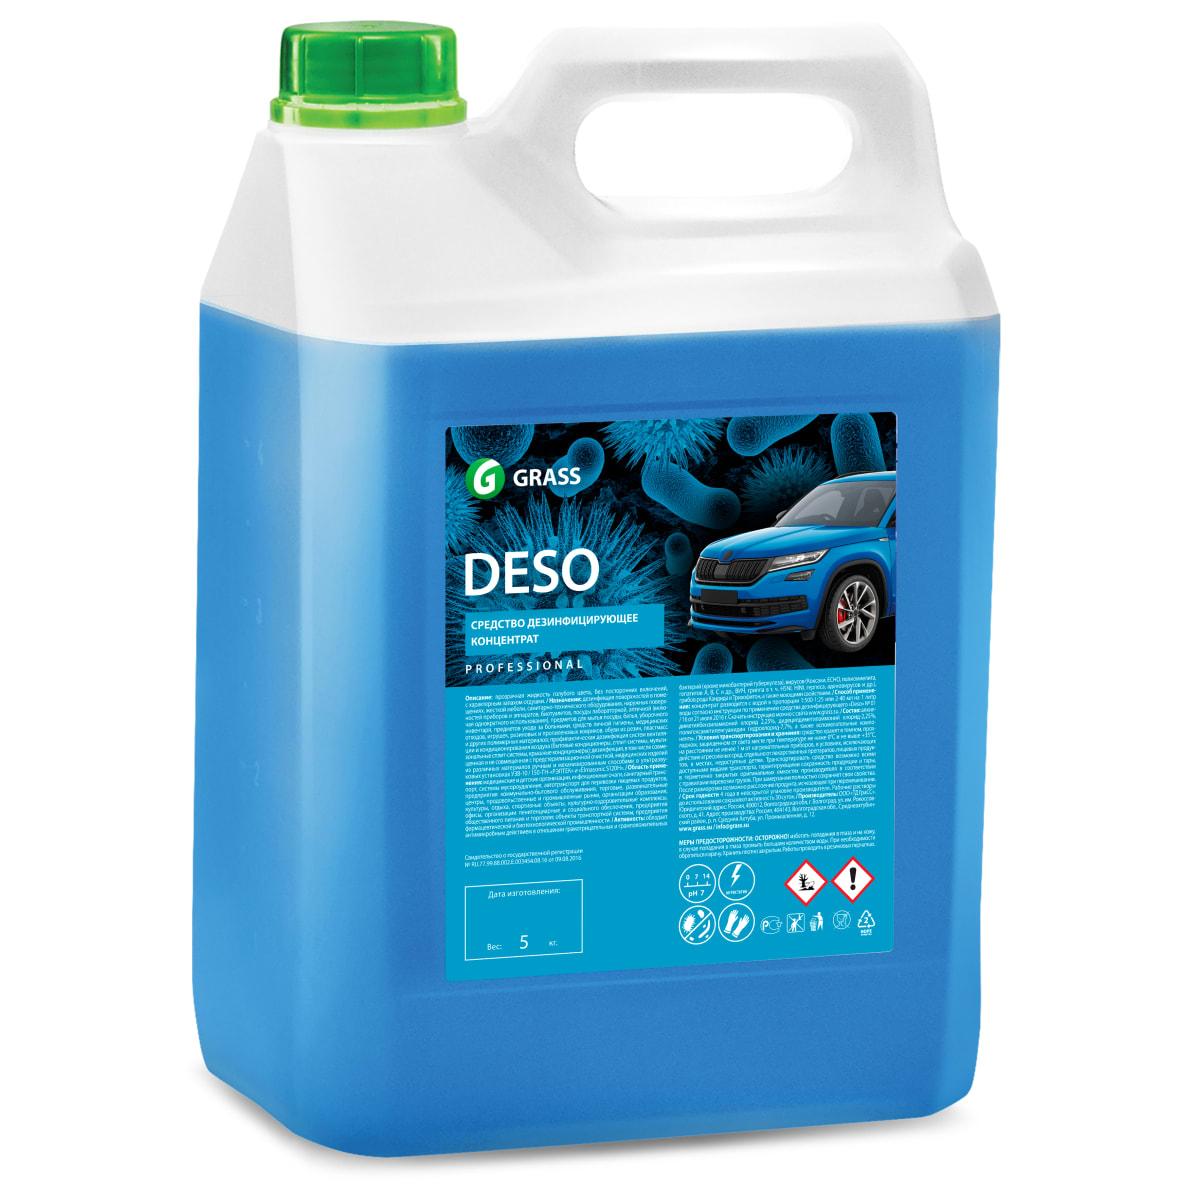 Дезинфицирующее средство Grass Deso, 5 кг